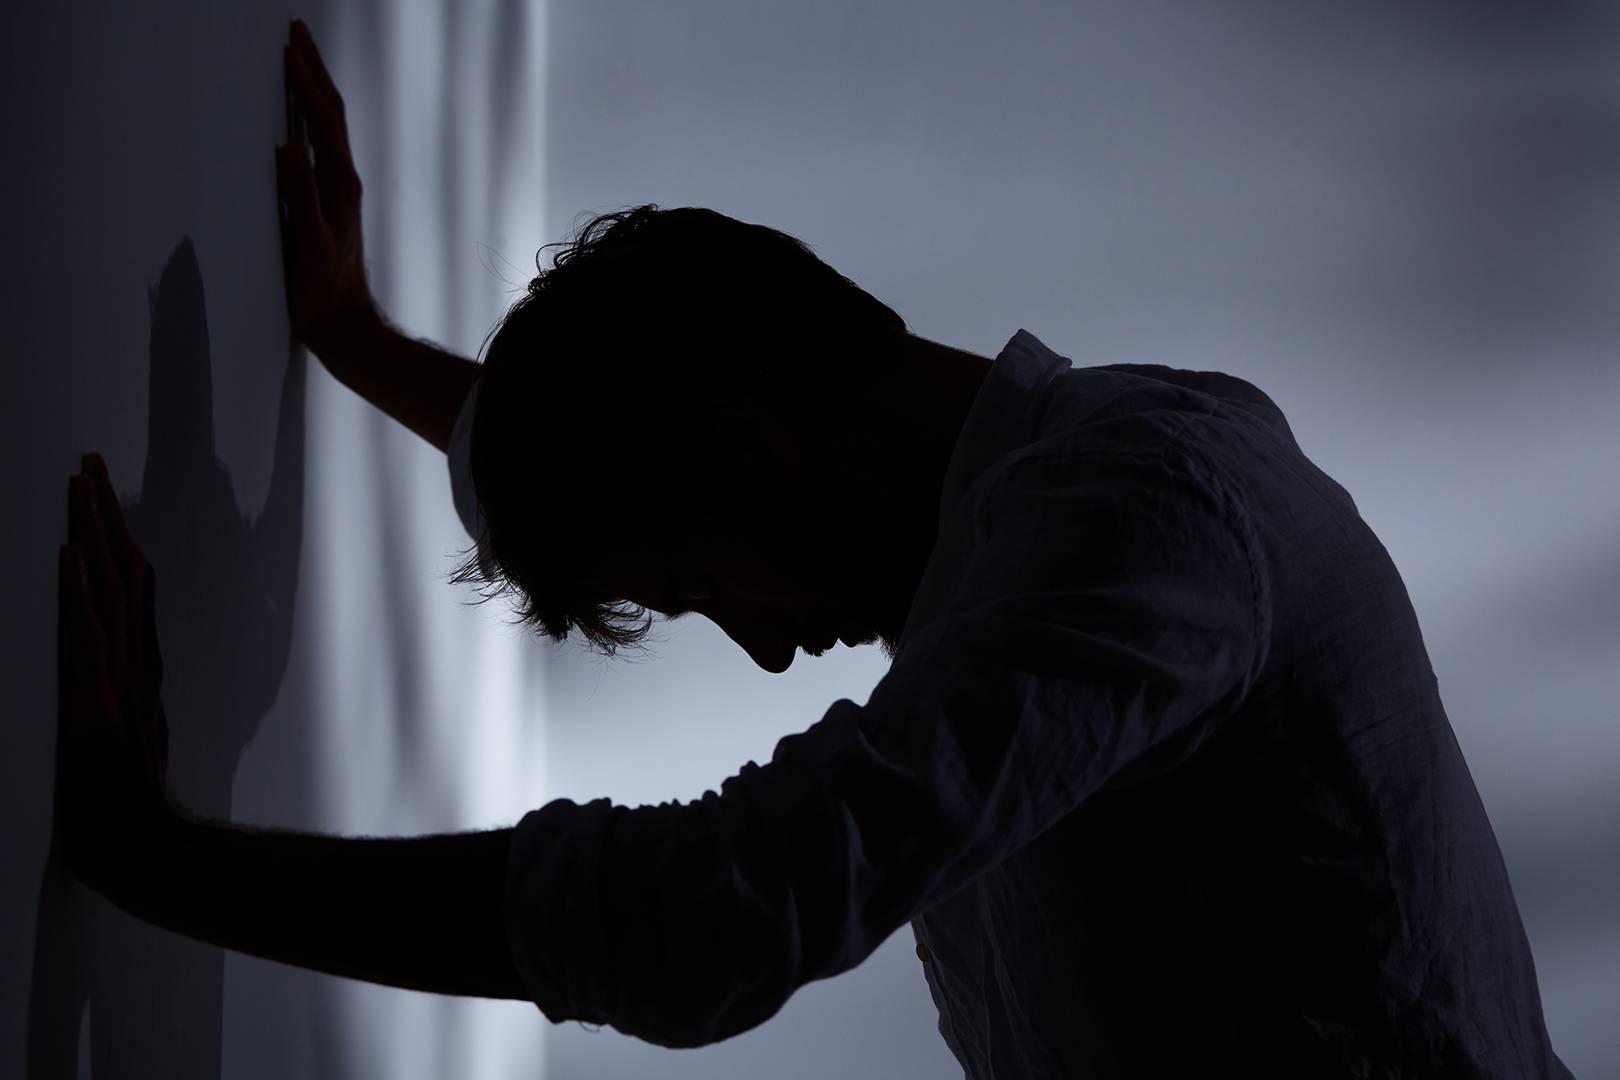 تاثیر داروهای آنتی بیوتیک در درمان افسردگی